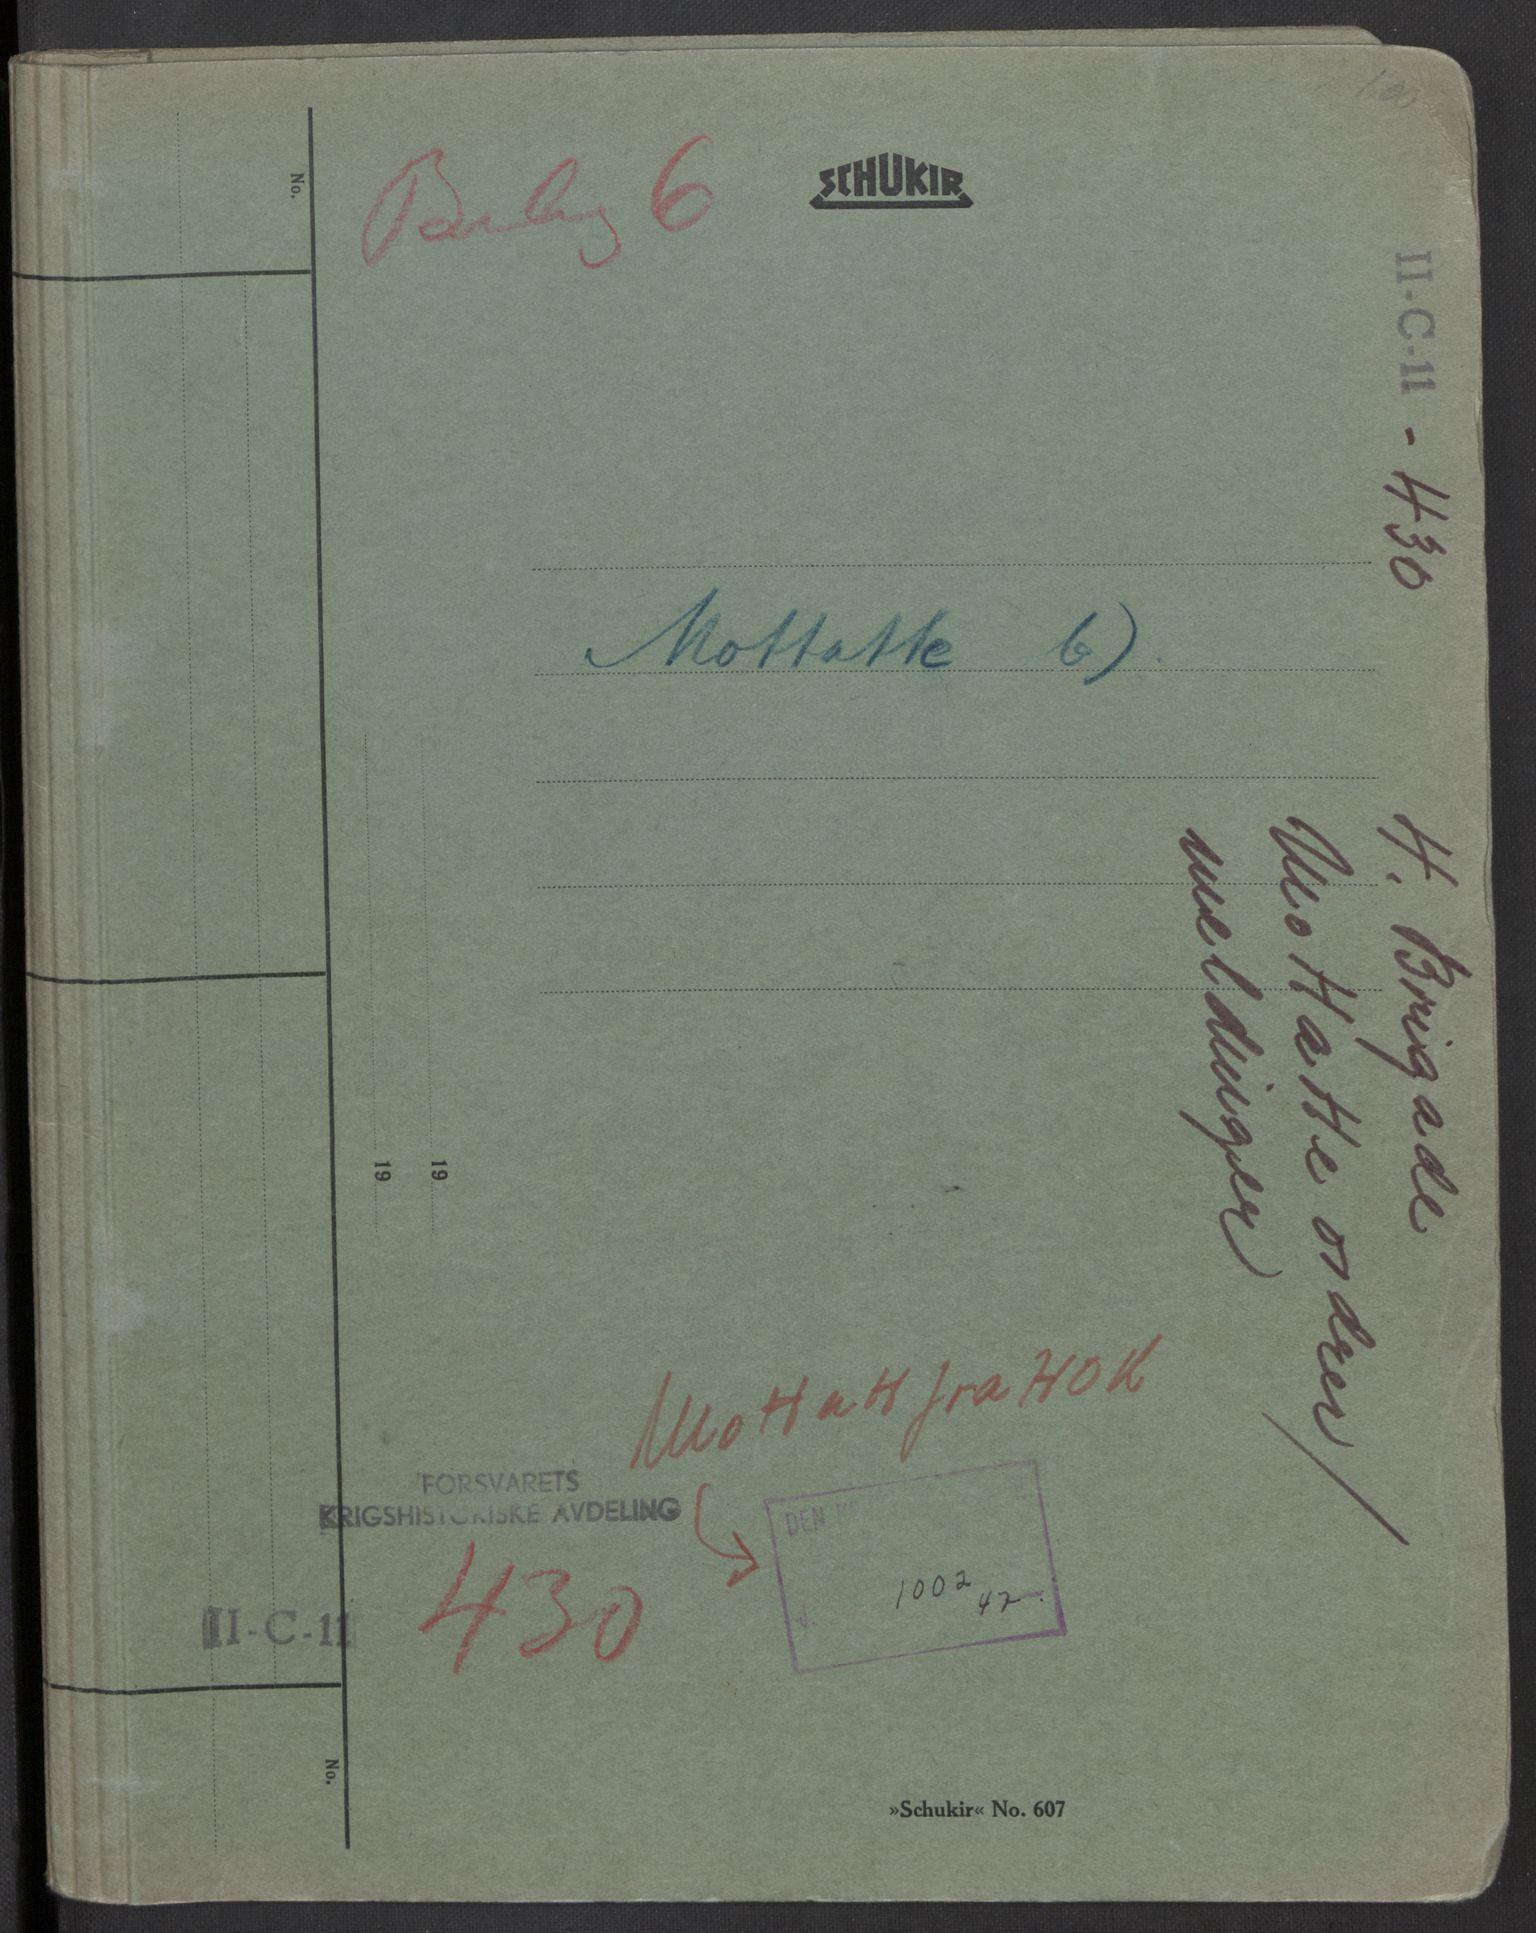 RA, Forsvaret, Forsvarets krigshistoriske avdeling, Y/Yb/L0104: II-C-11-430  -  4. Divisjon., 1940, s. 329